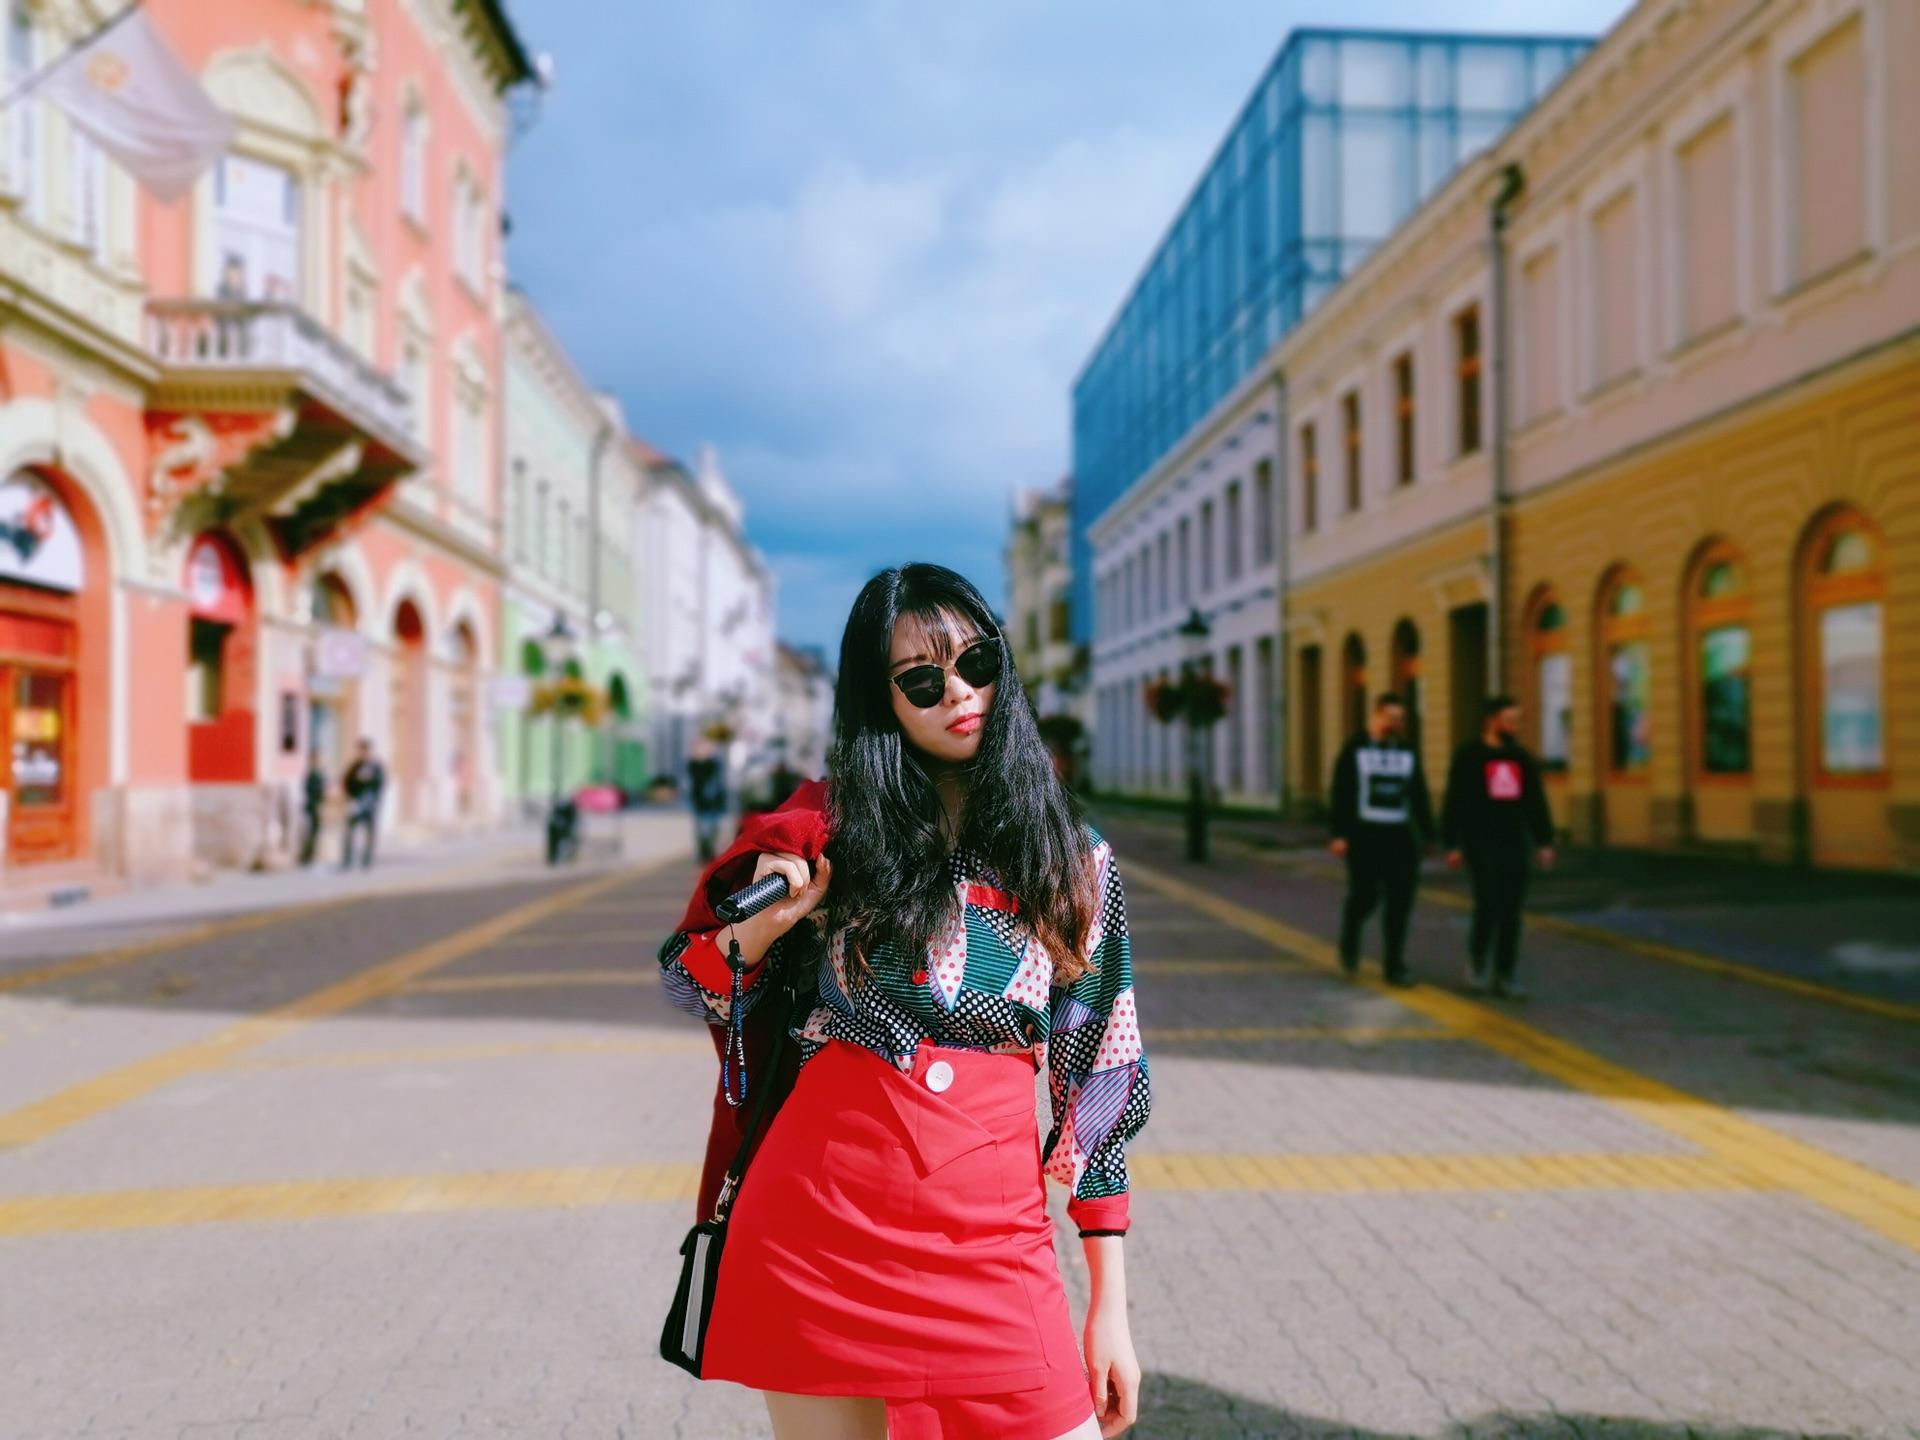 每天在不同地方看日落,走到哪里都想干一杯!塞尔维亚6日游记(贝尔格莱德,诺维萨德,苏博蒂察)_游记